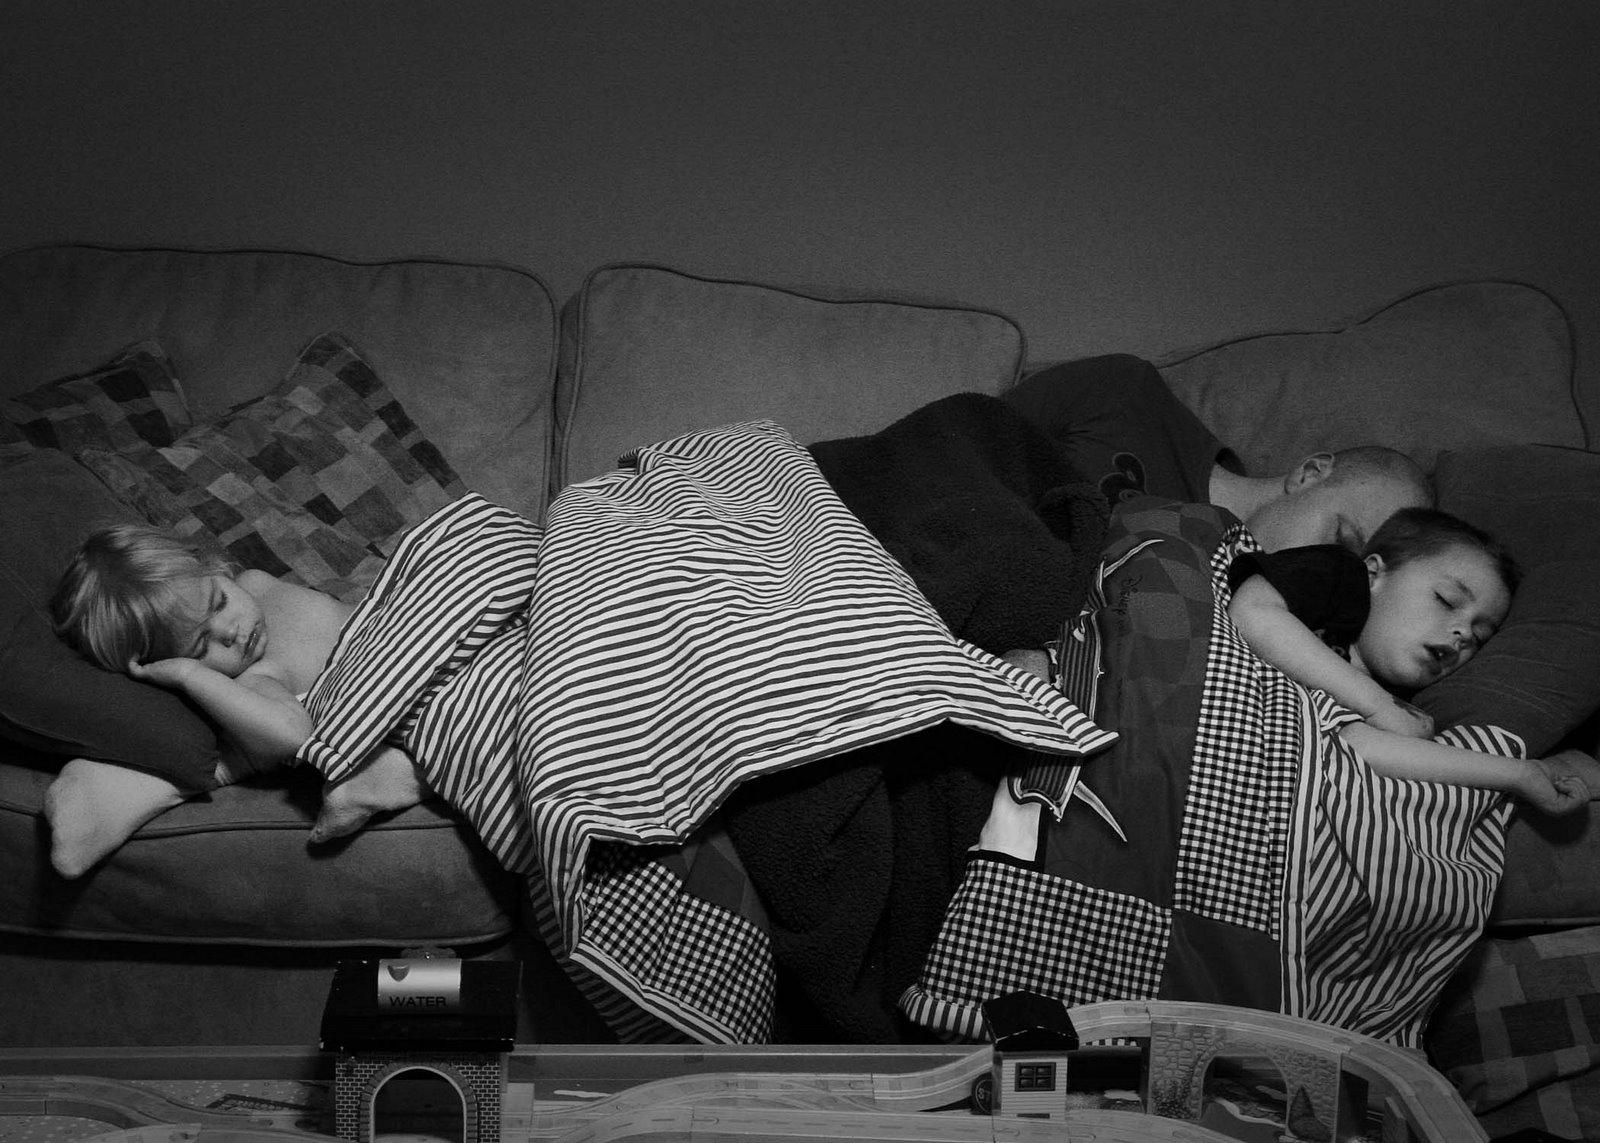 [fam+asleep+3.07]